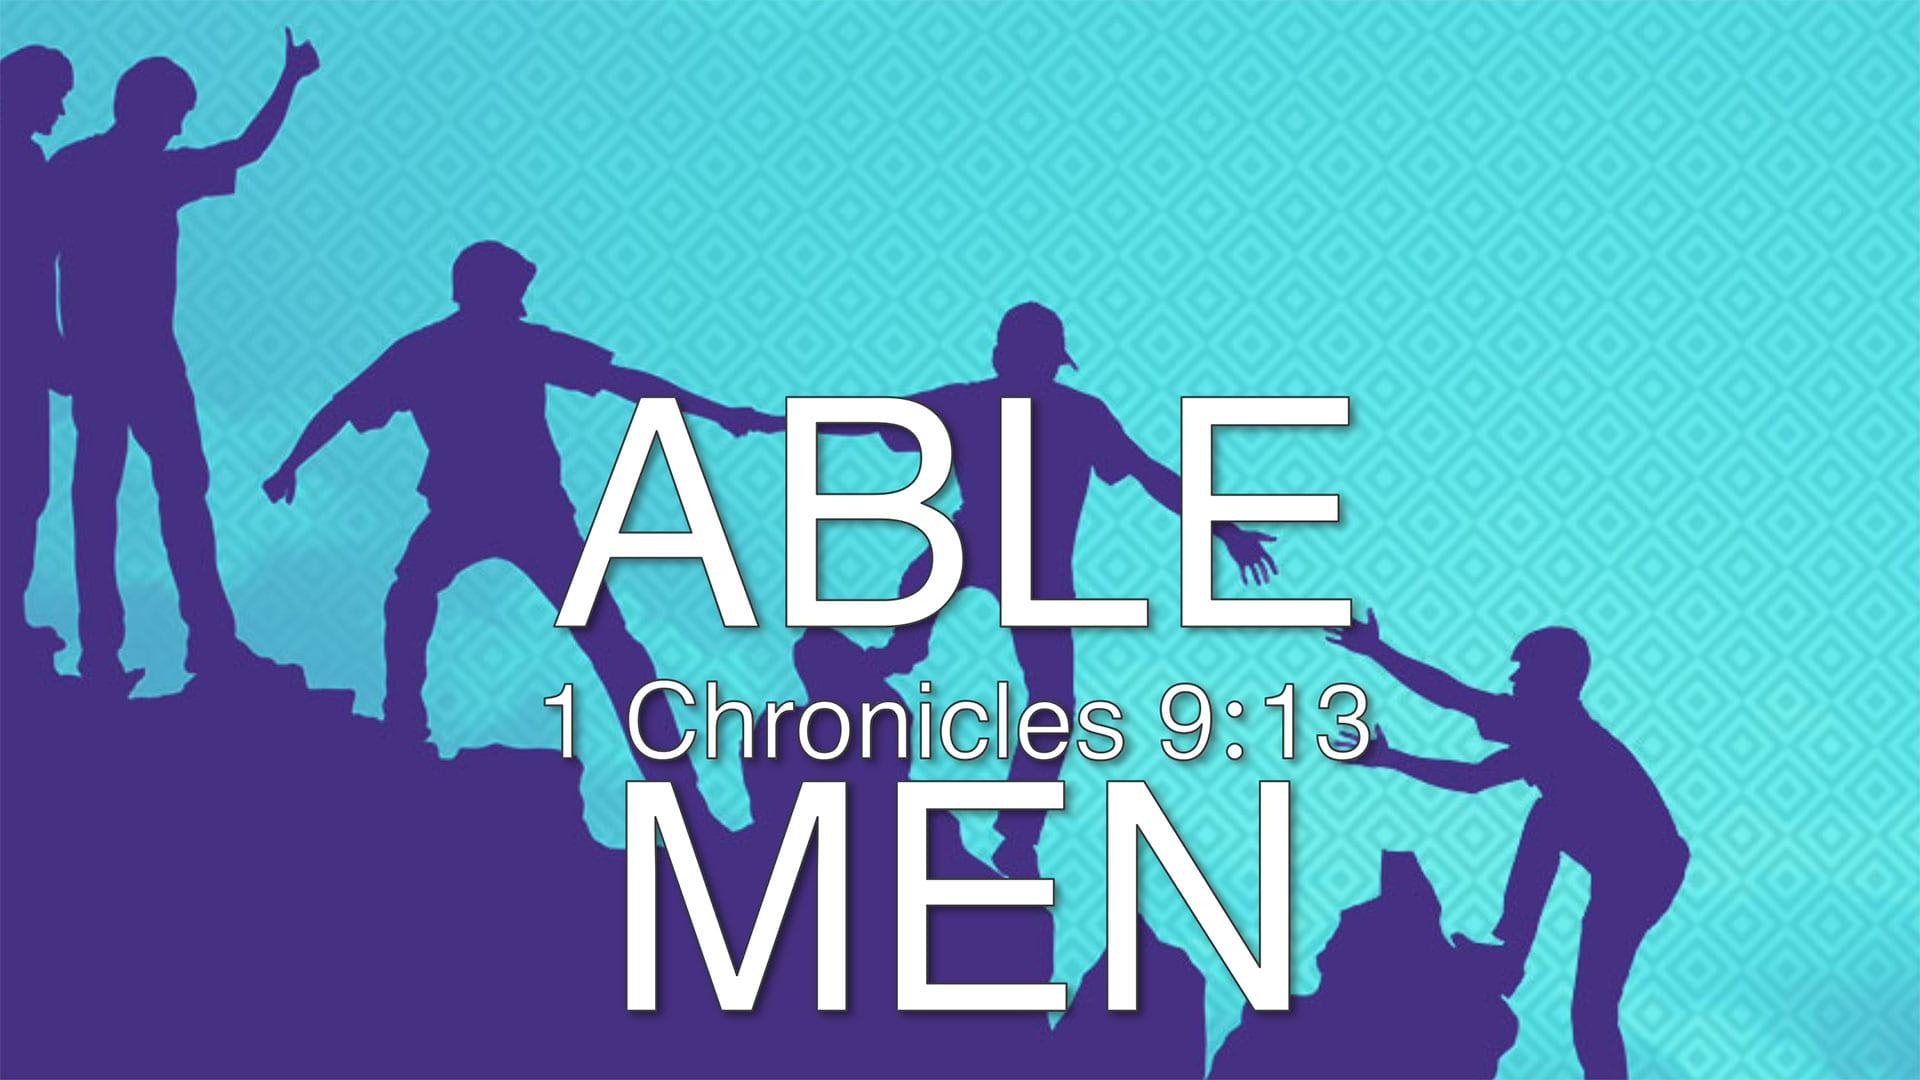 CBC_2020_12_06_PM_able_men_Outline_Thumbnail_1920x1080